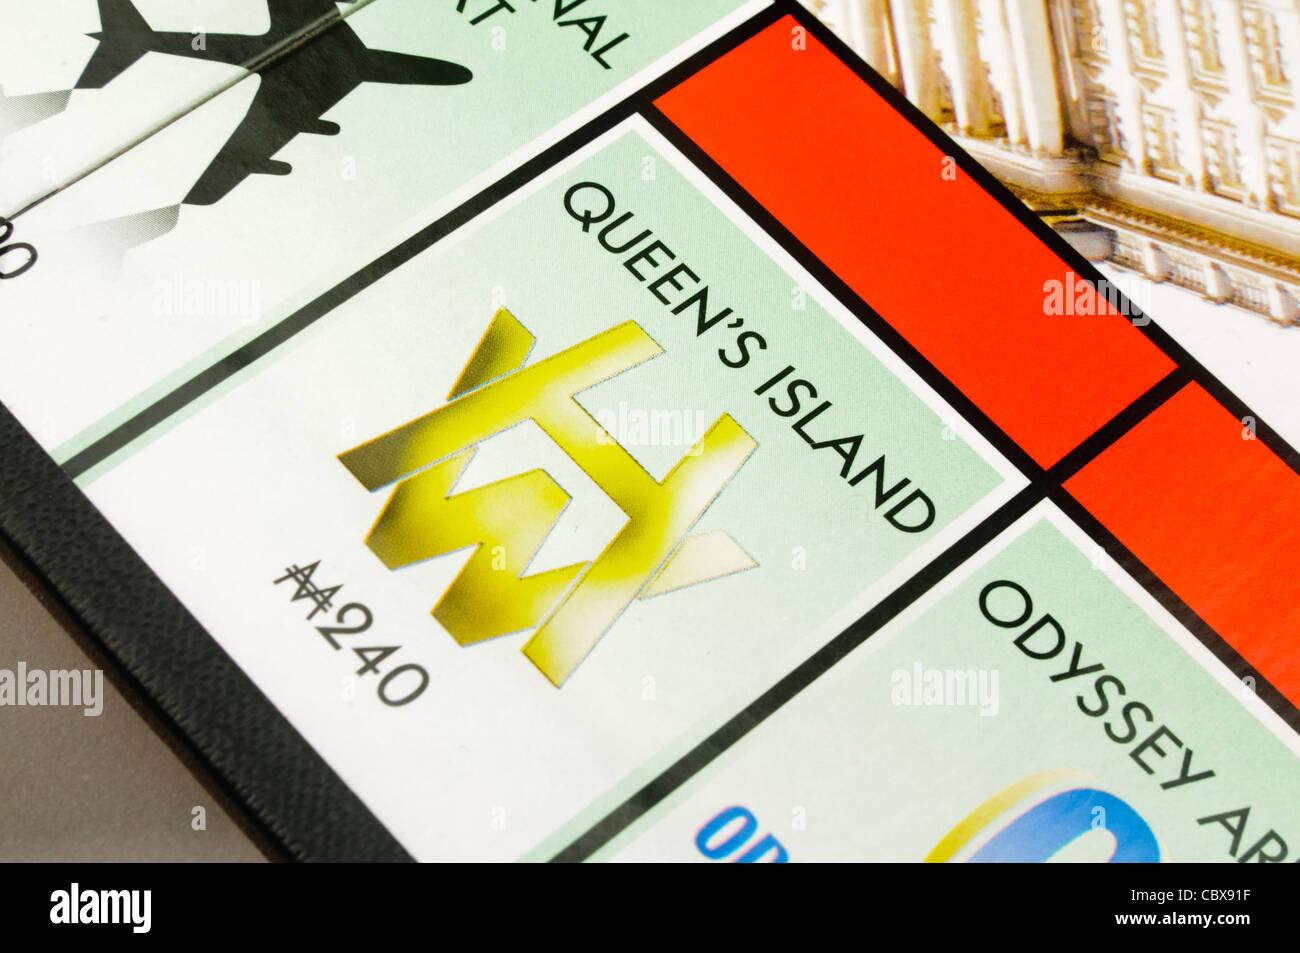 Belfast-Monopol: Königin der Insel Stockbild